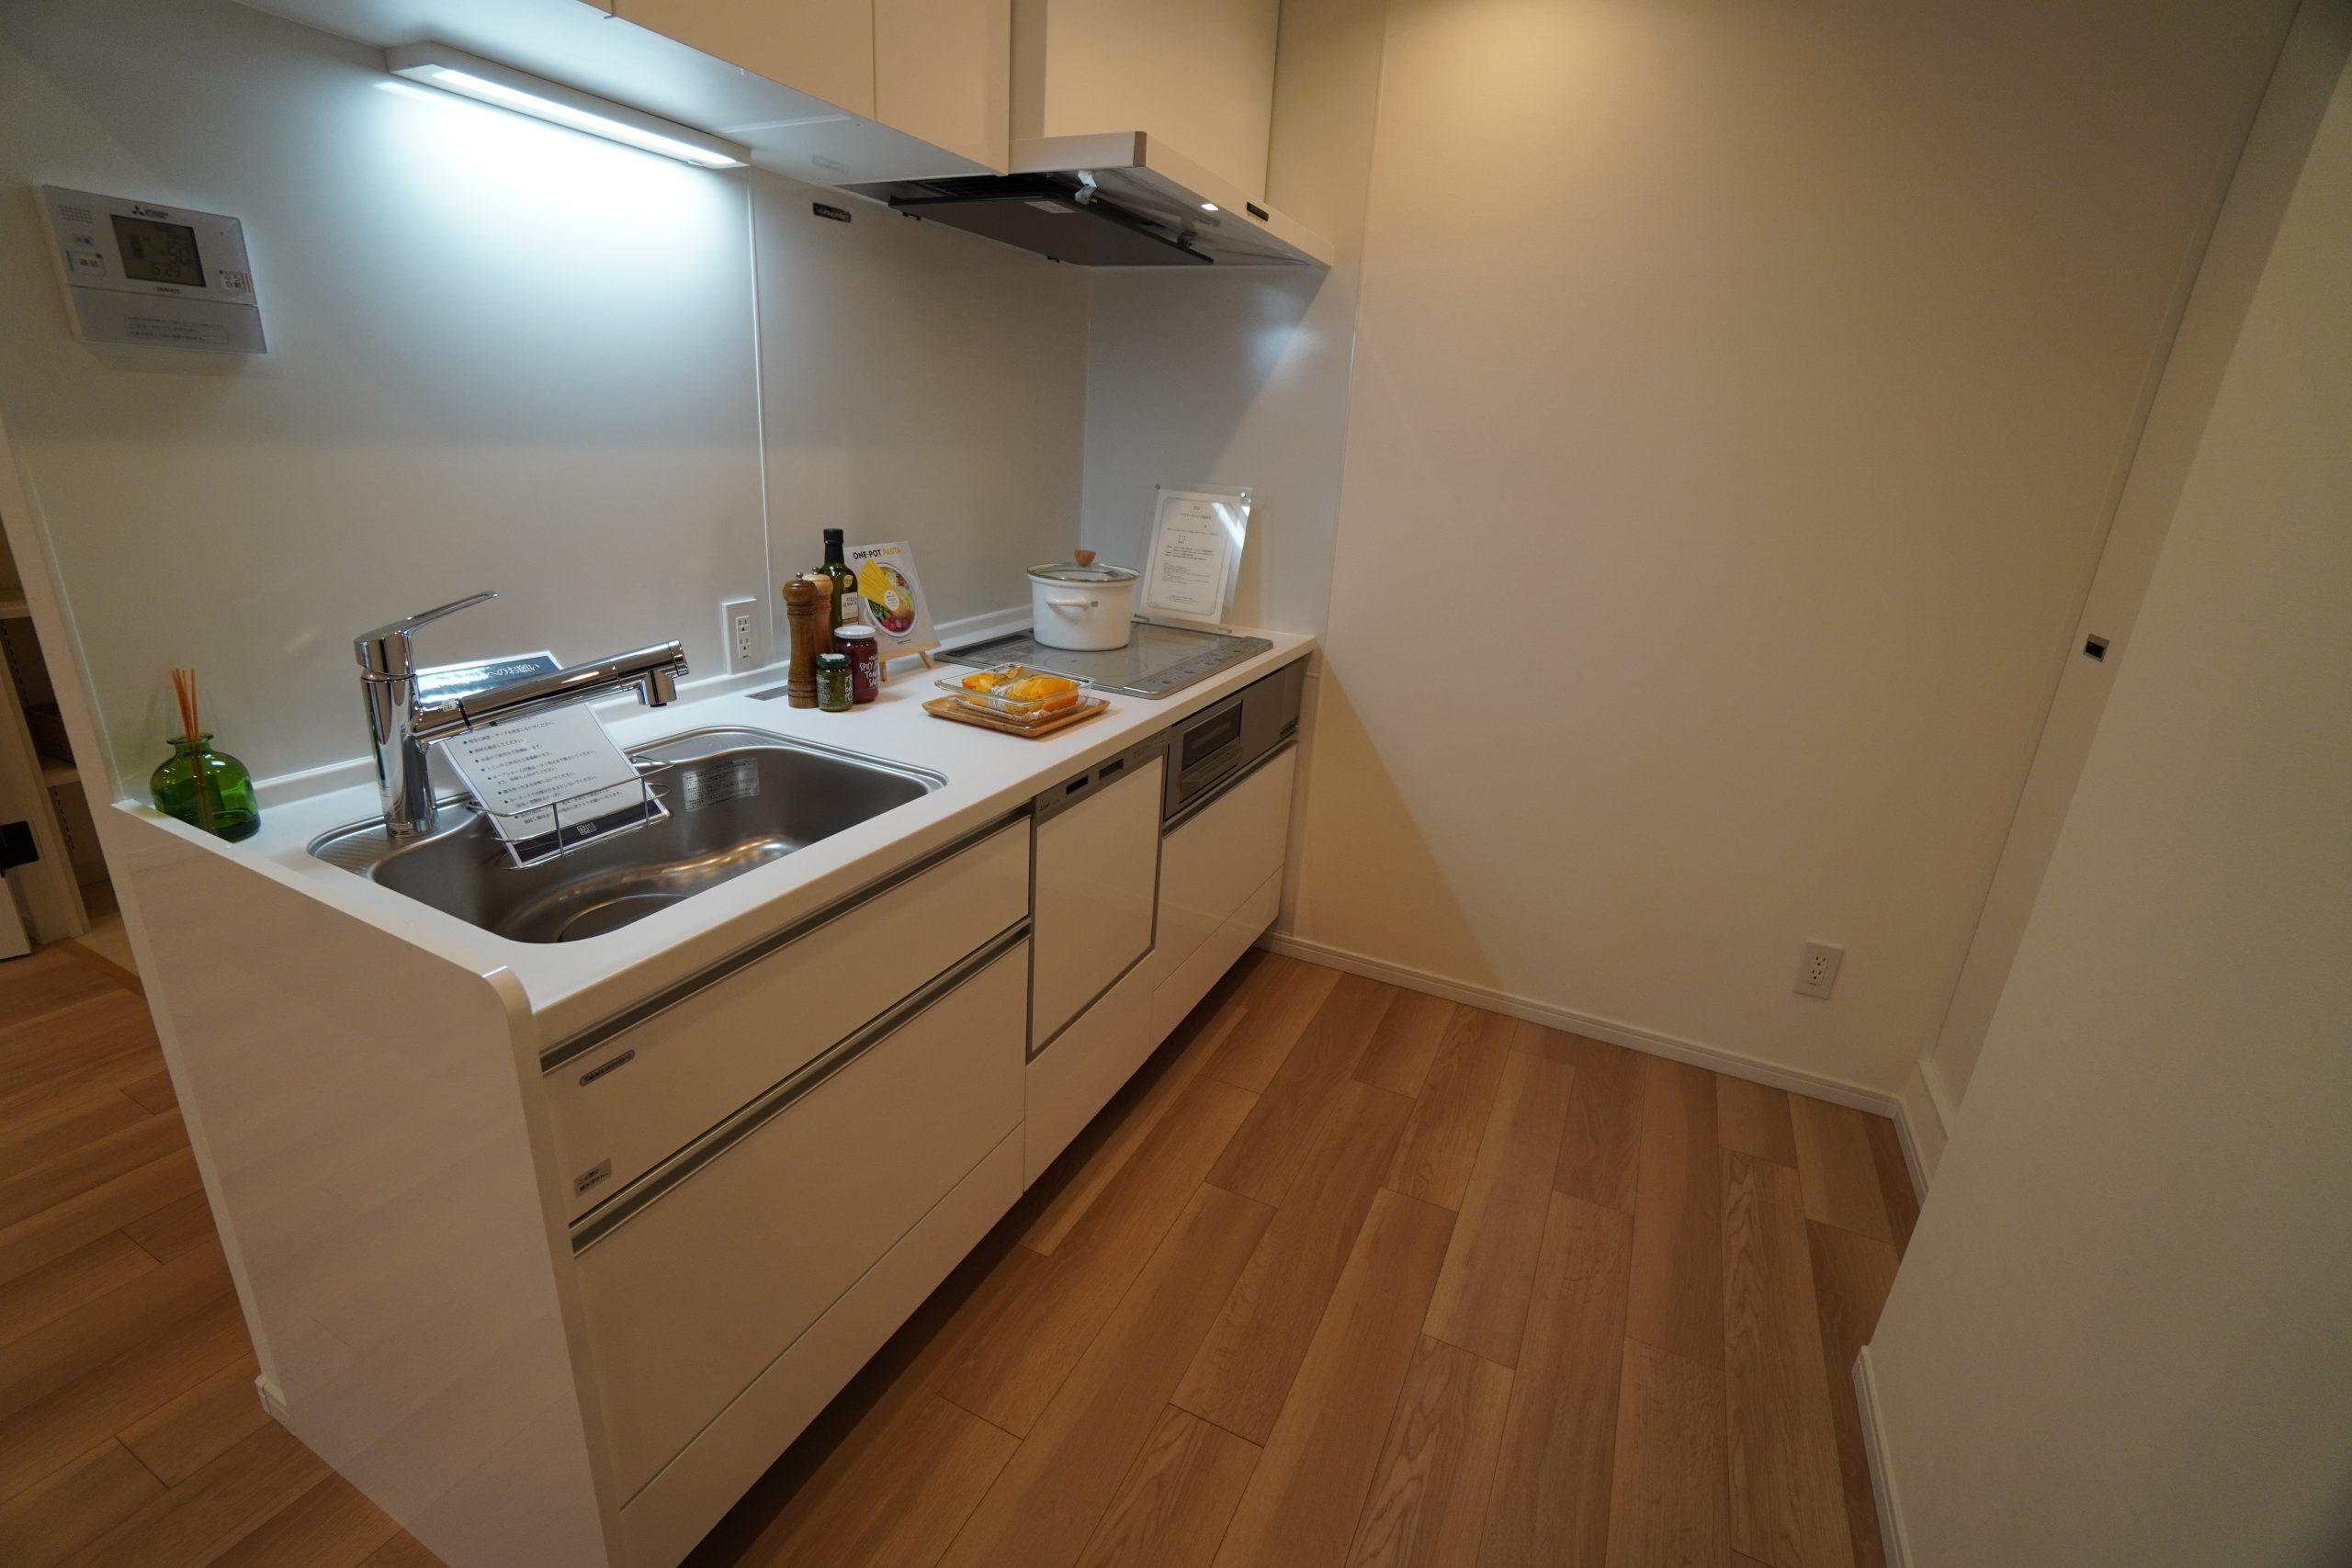 恵比寿スカイハイツ 413号室の写真4